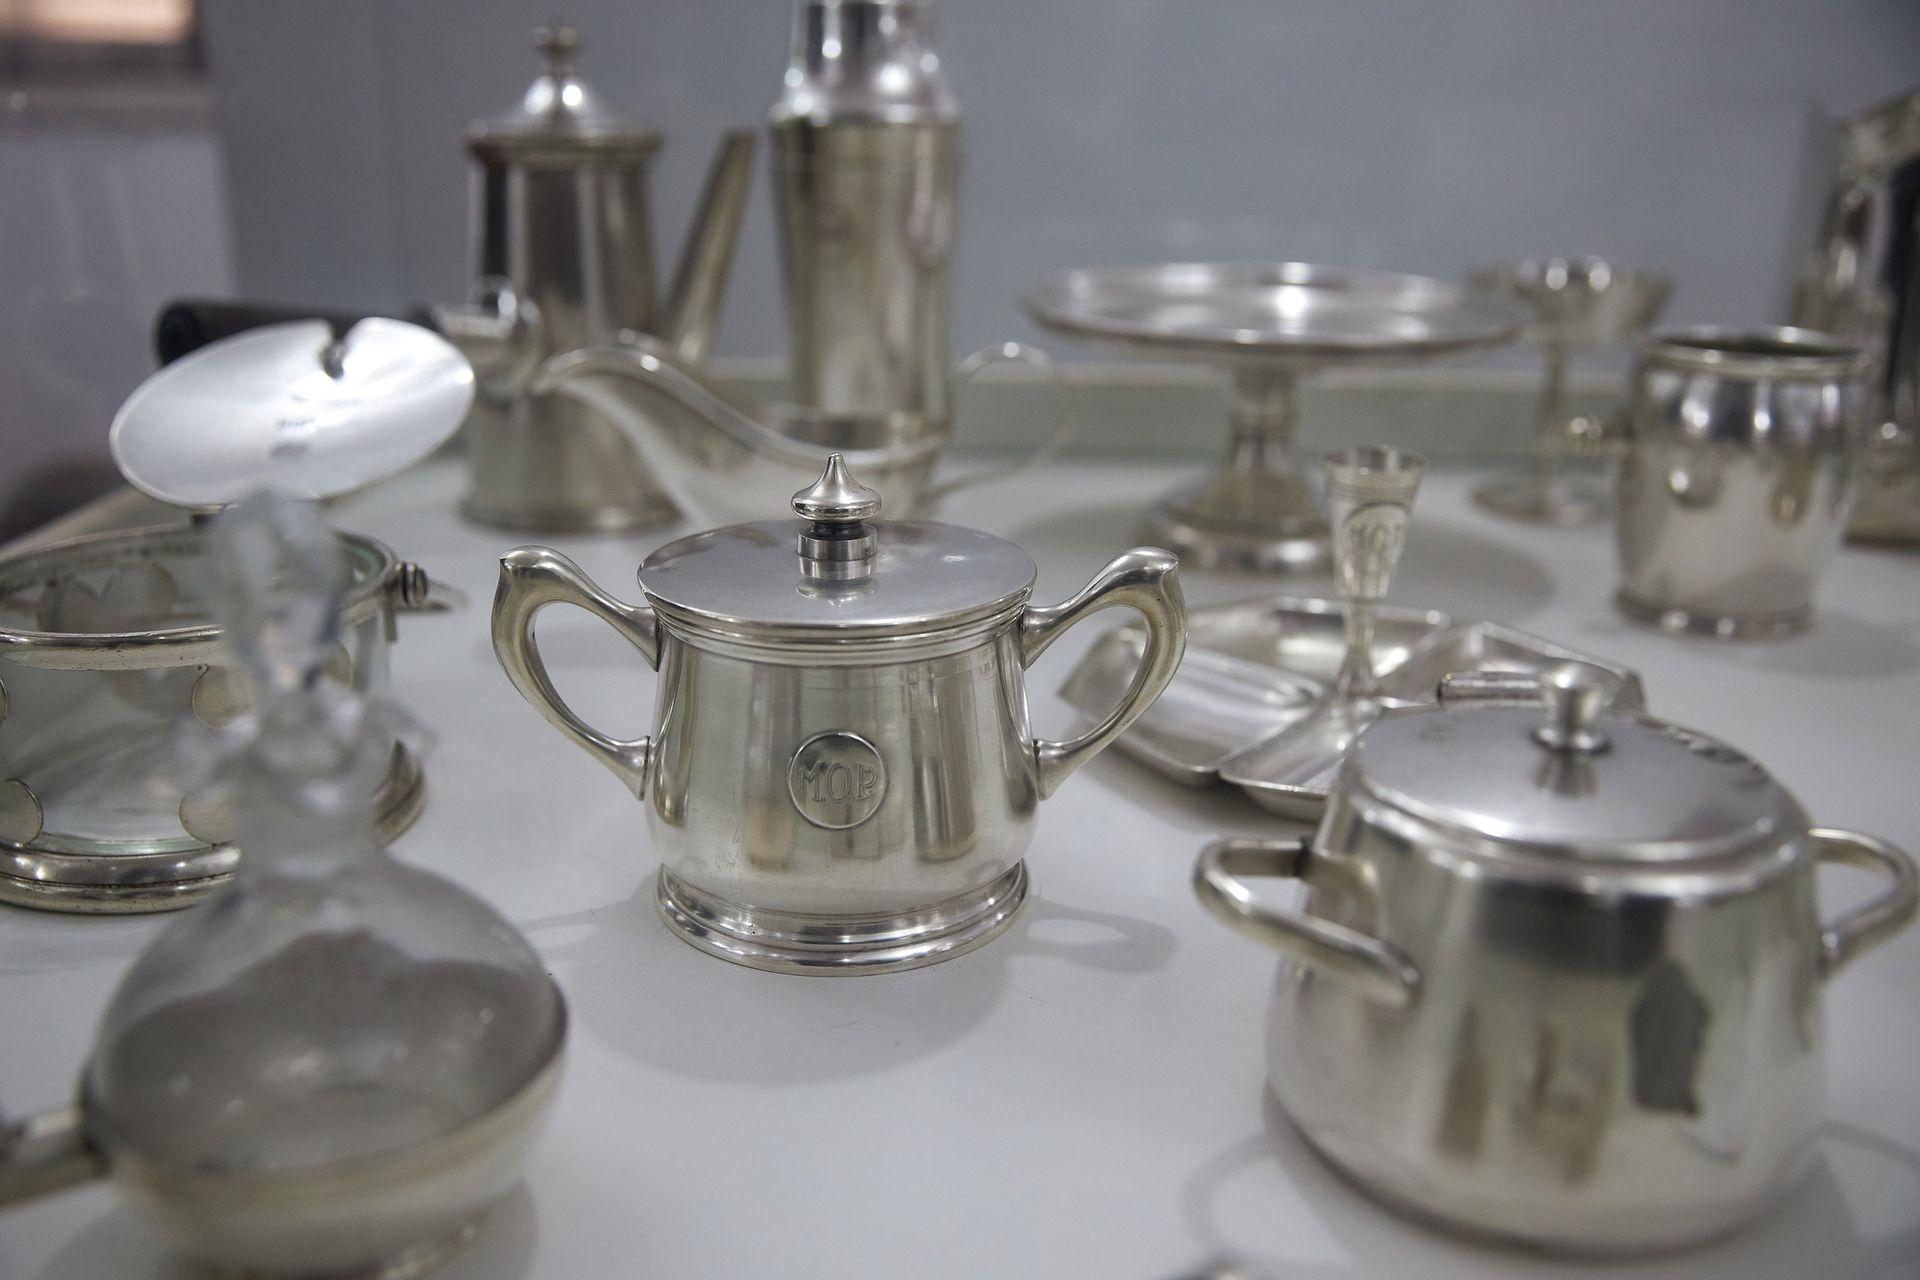 Vajilla que se usaba en los hoteles décadas atrás, Museo Eva Perón de Embalse